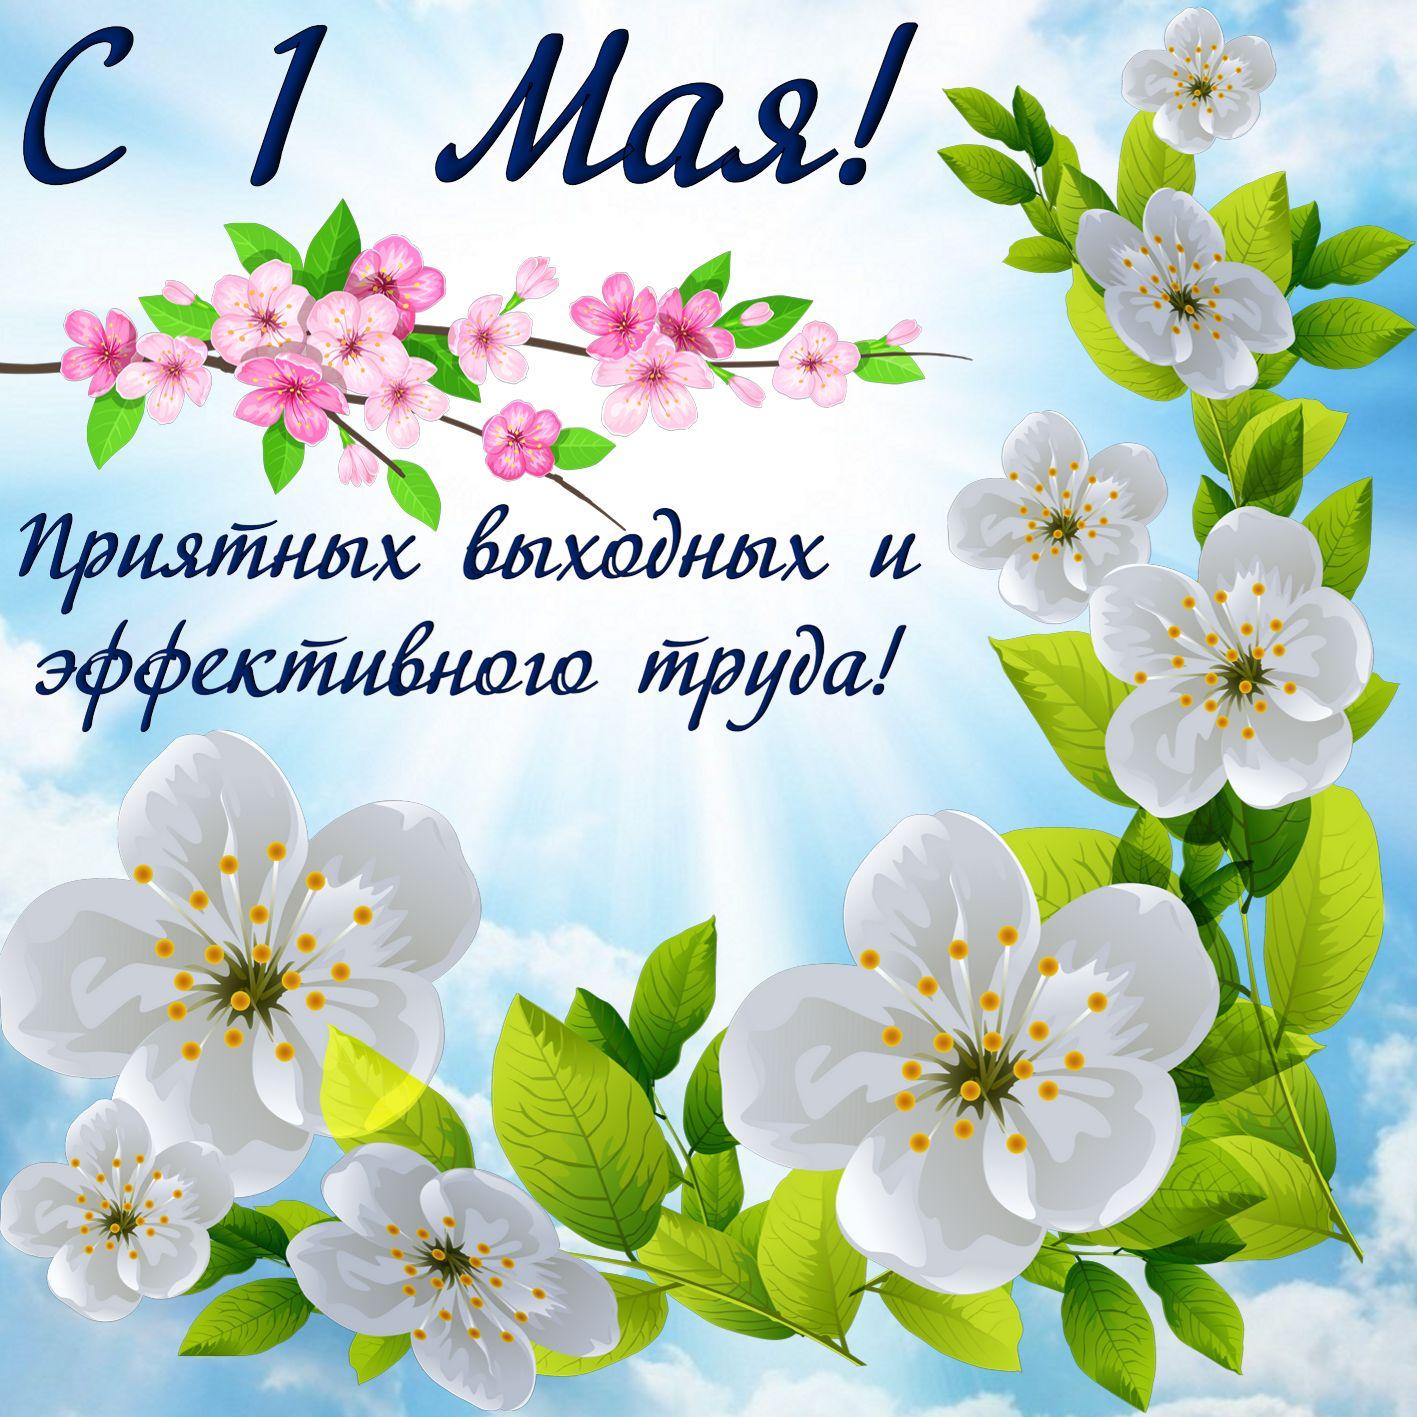 Открытка-с-поздравлениями-на-1-мая-первое-мая-мир-труд-май-3316